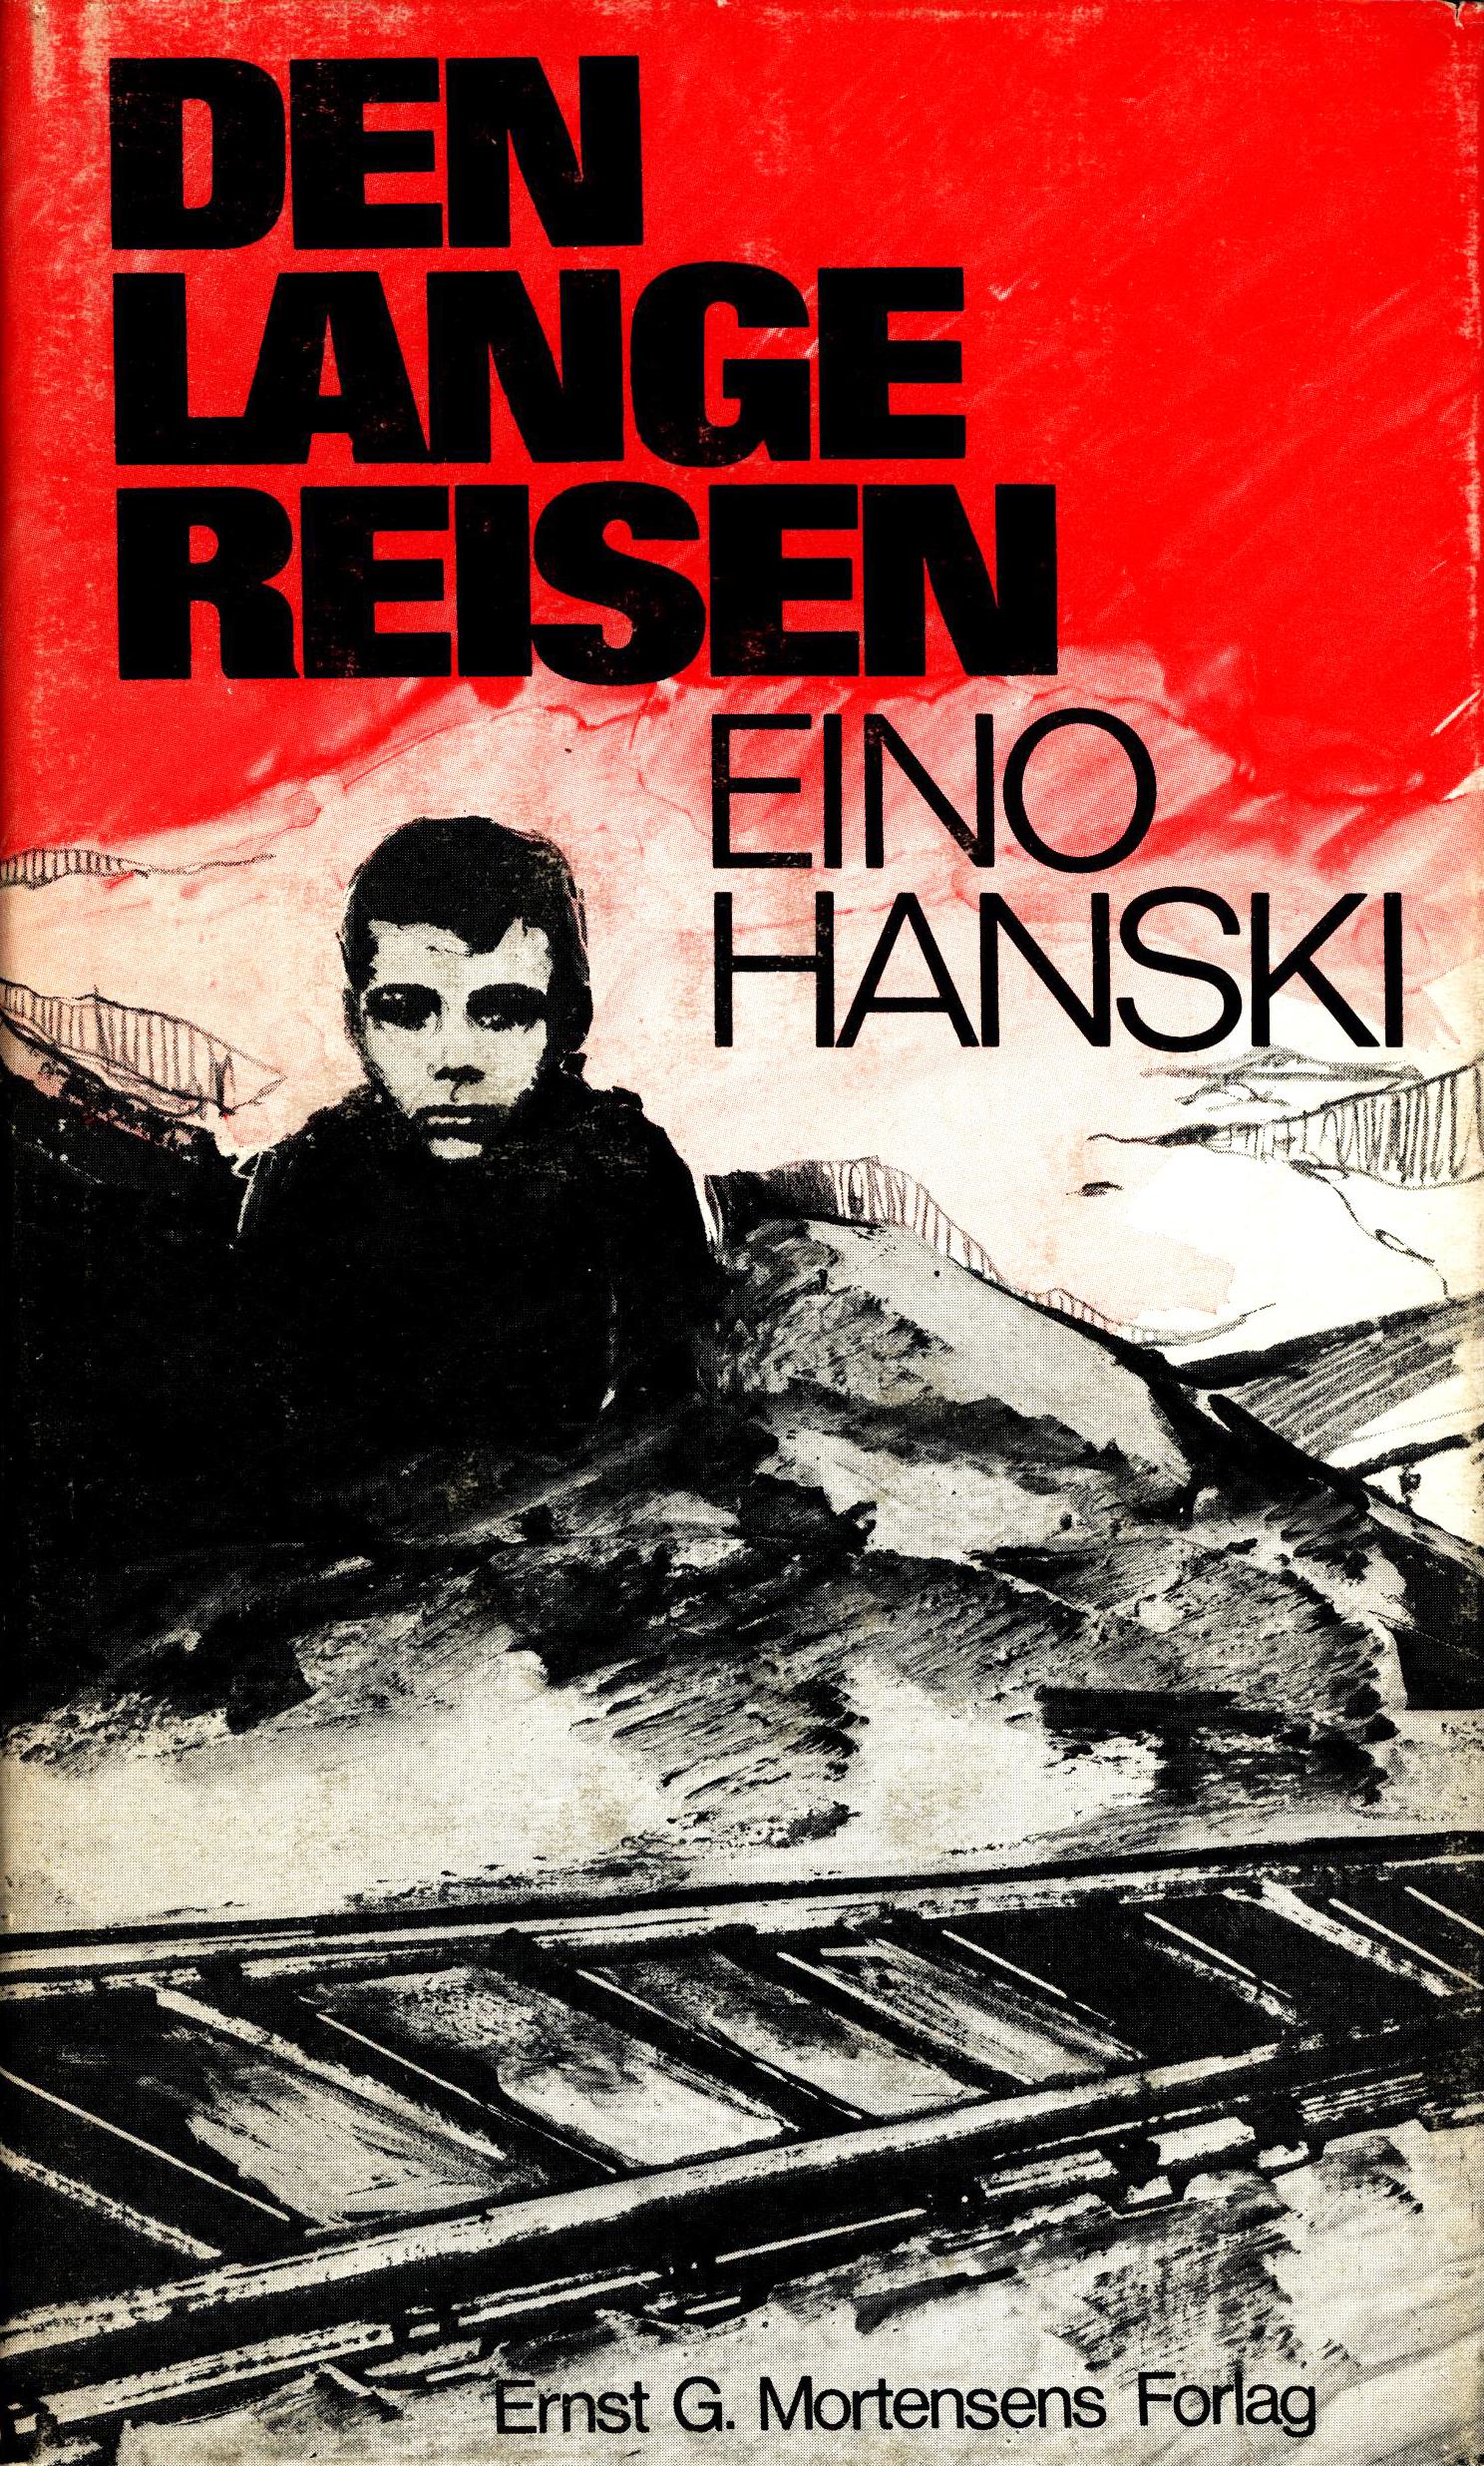 Eino Hanski: Den lange reisen